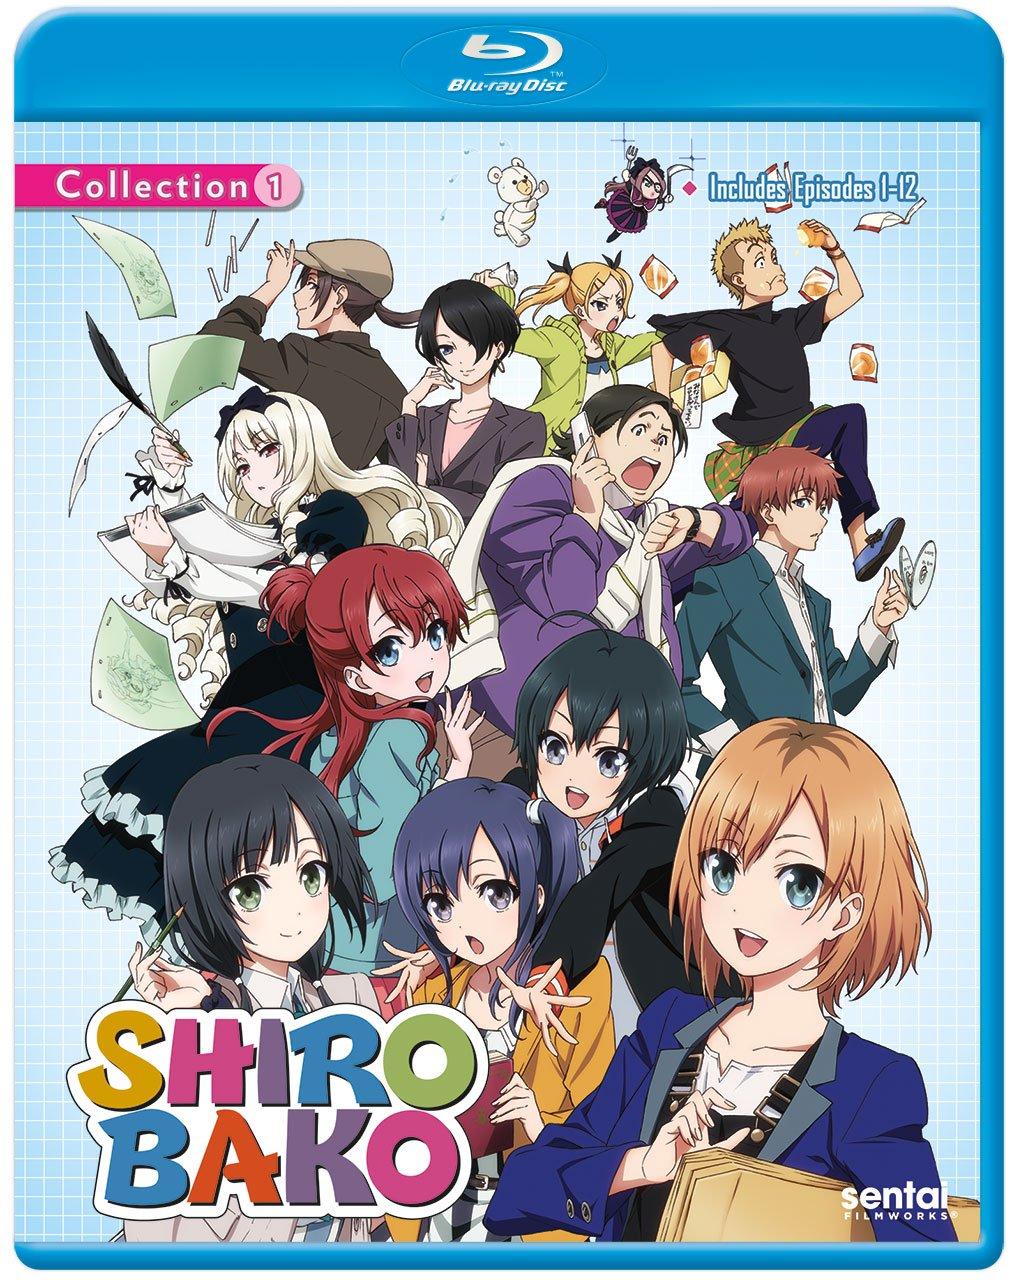 大人がやる気を貰えるアニメ「SHIROBAKO」